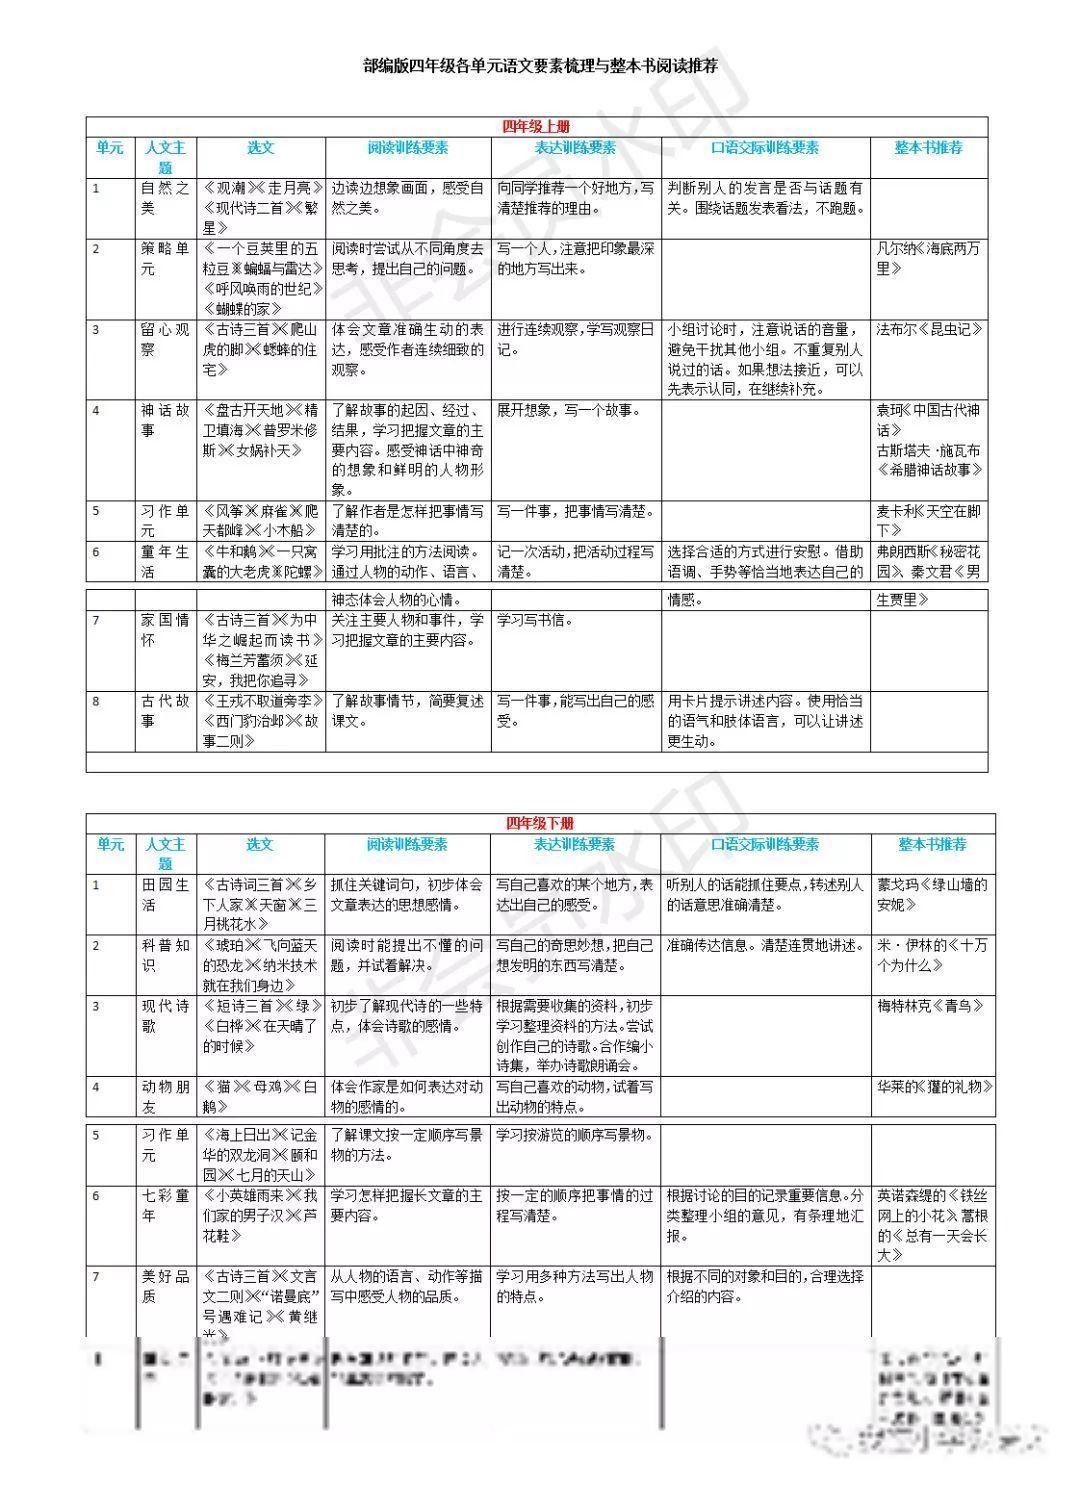 小学!统编版小学要素1-6小学干货语文梳理与整华深圳胜年级语文图片